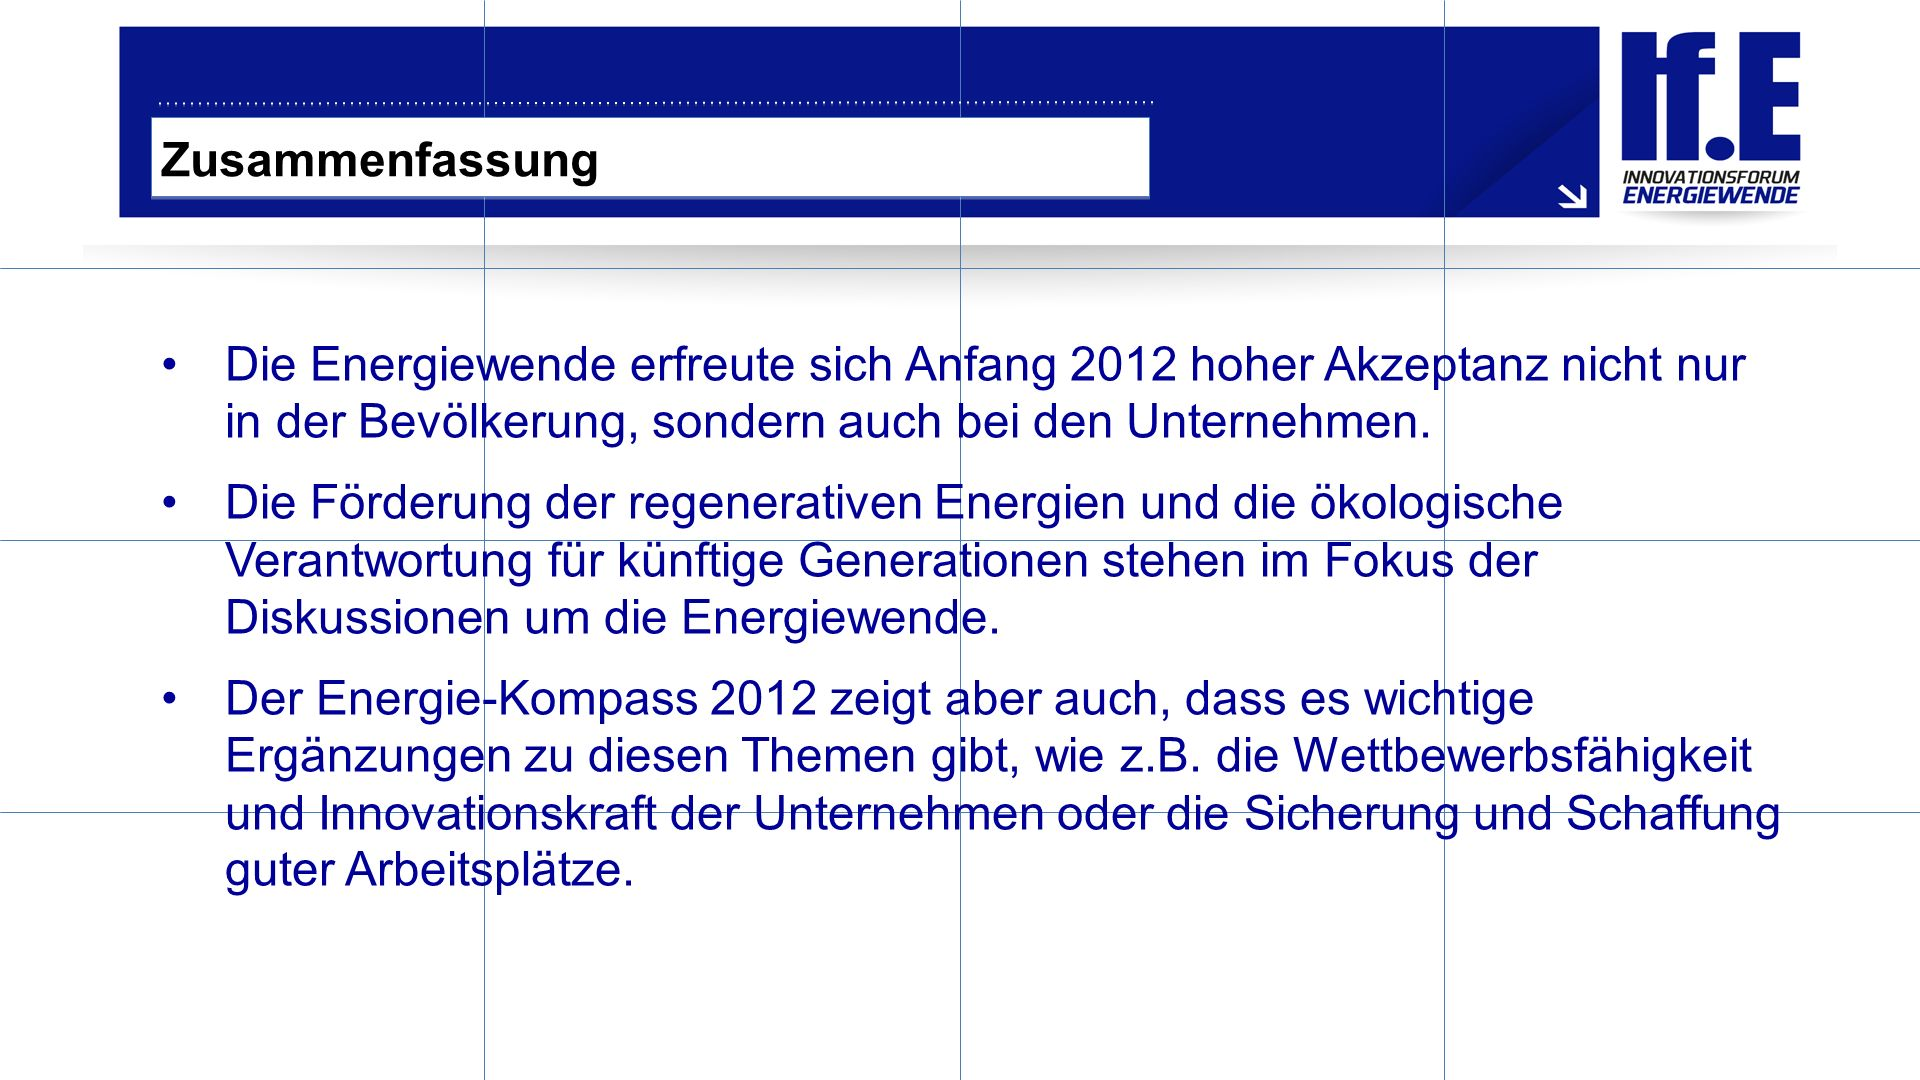 Zusammenfassung Die Energiewende erfreute sich Anfang 2012 hoher Akzeptanz nicht nur in der Bevölkerung, sondern auch bei den Unternehmen.